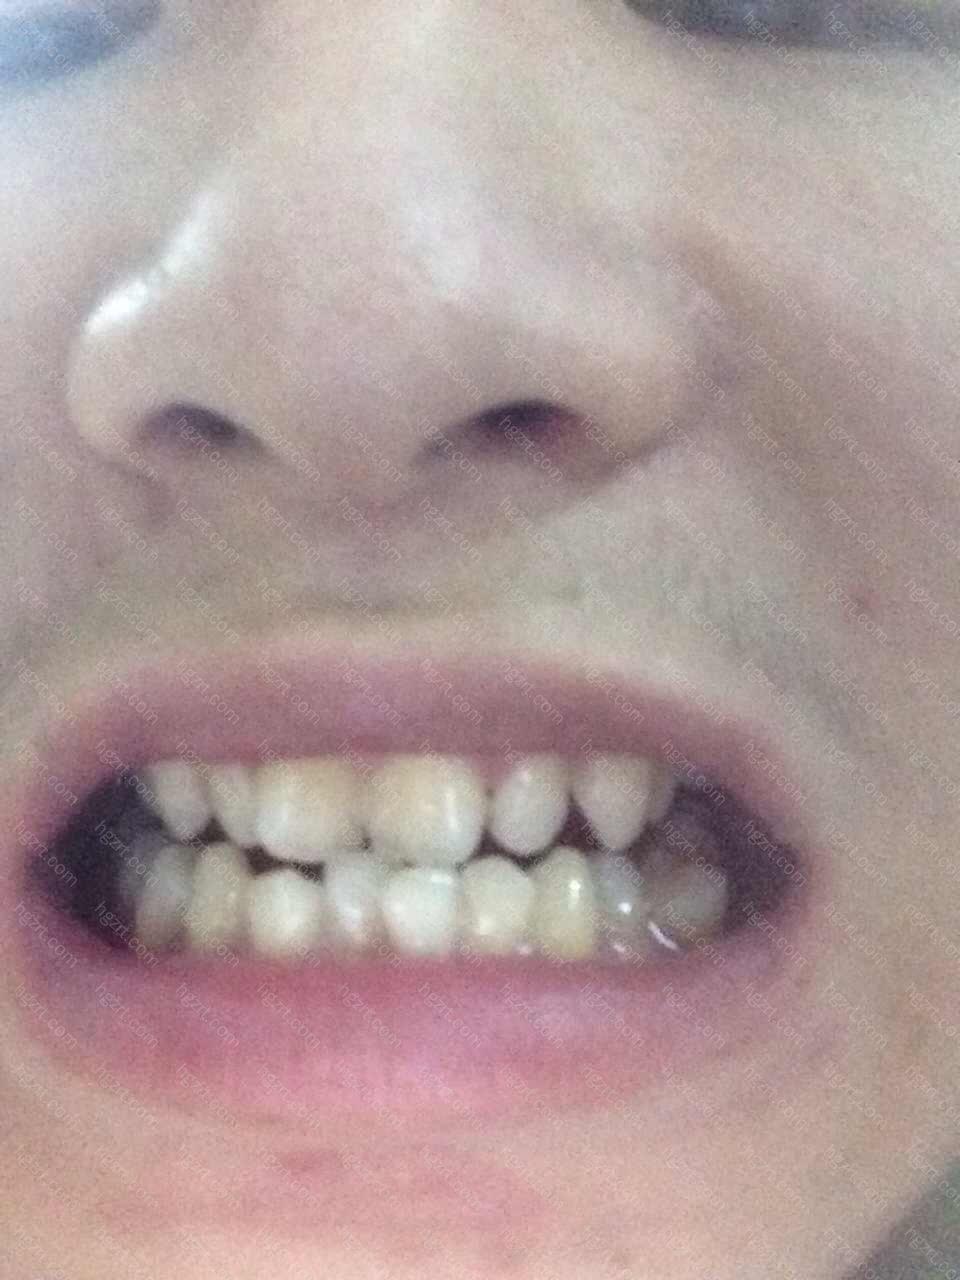 官方提示:隐形矫正是现代比较新型的一种牙齿矫正方式